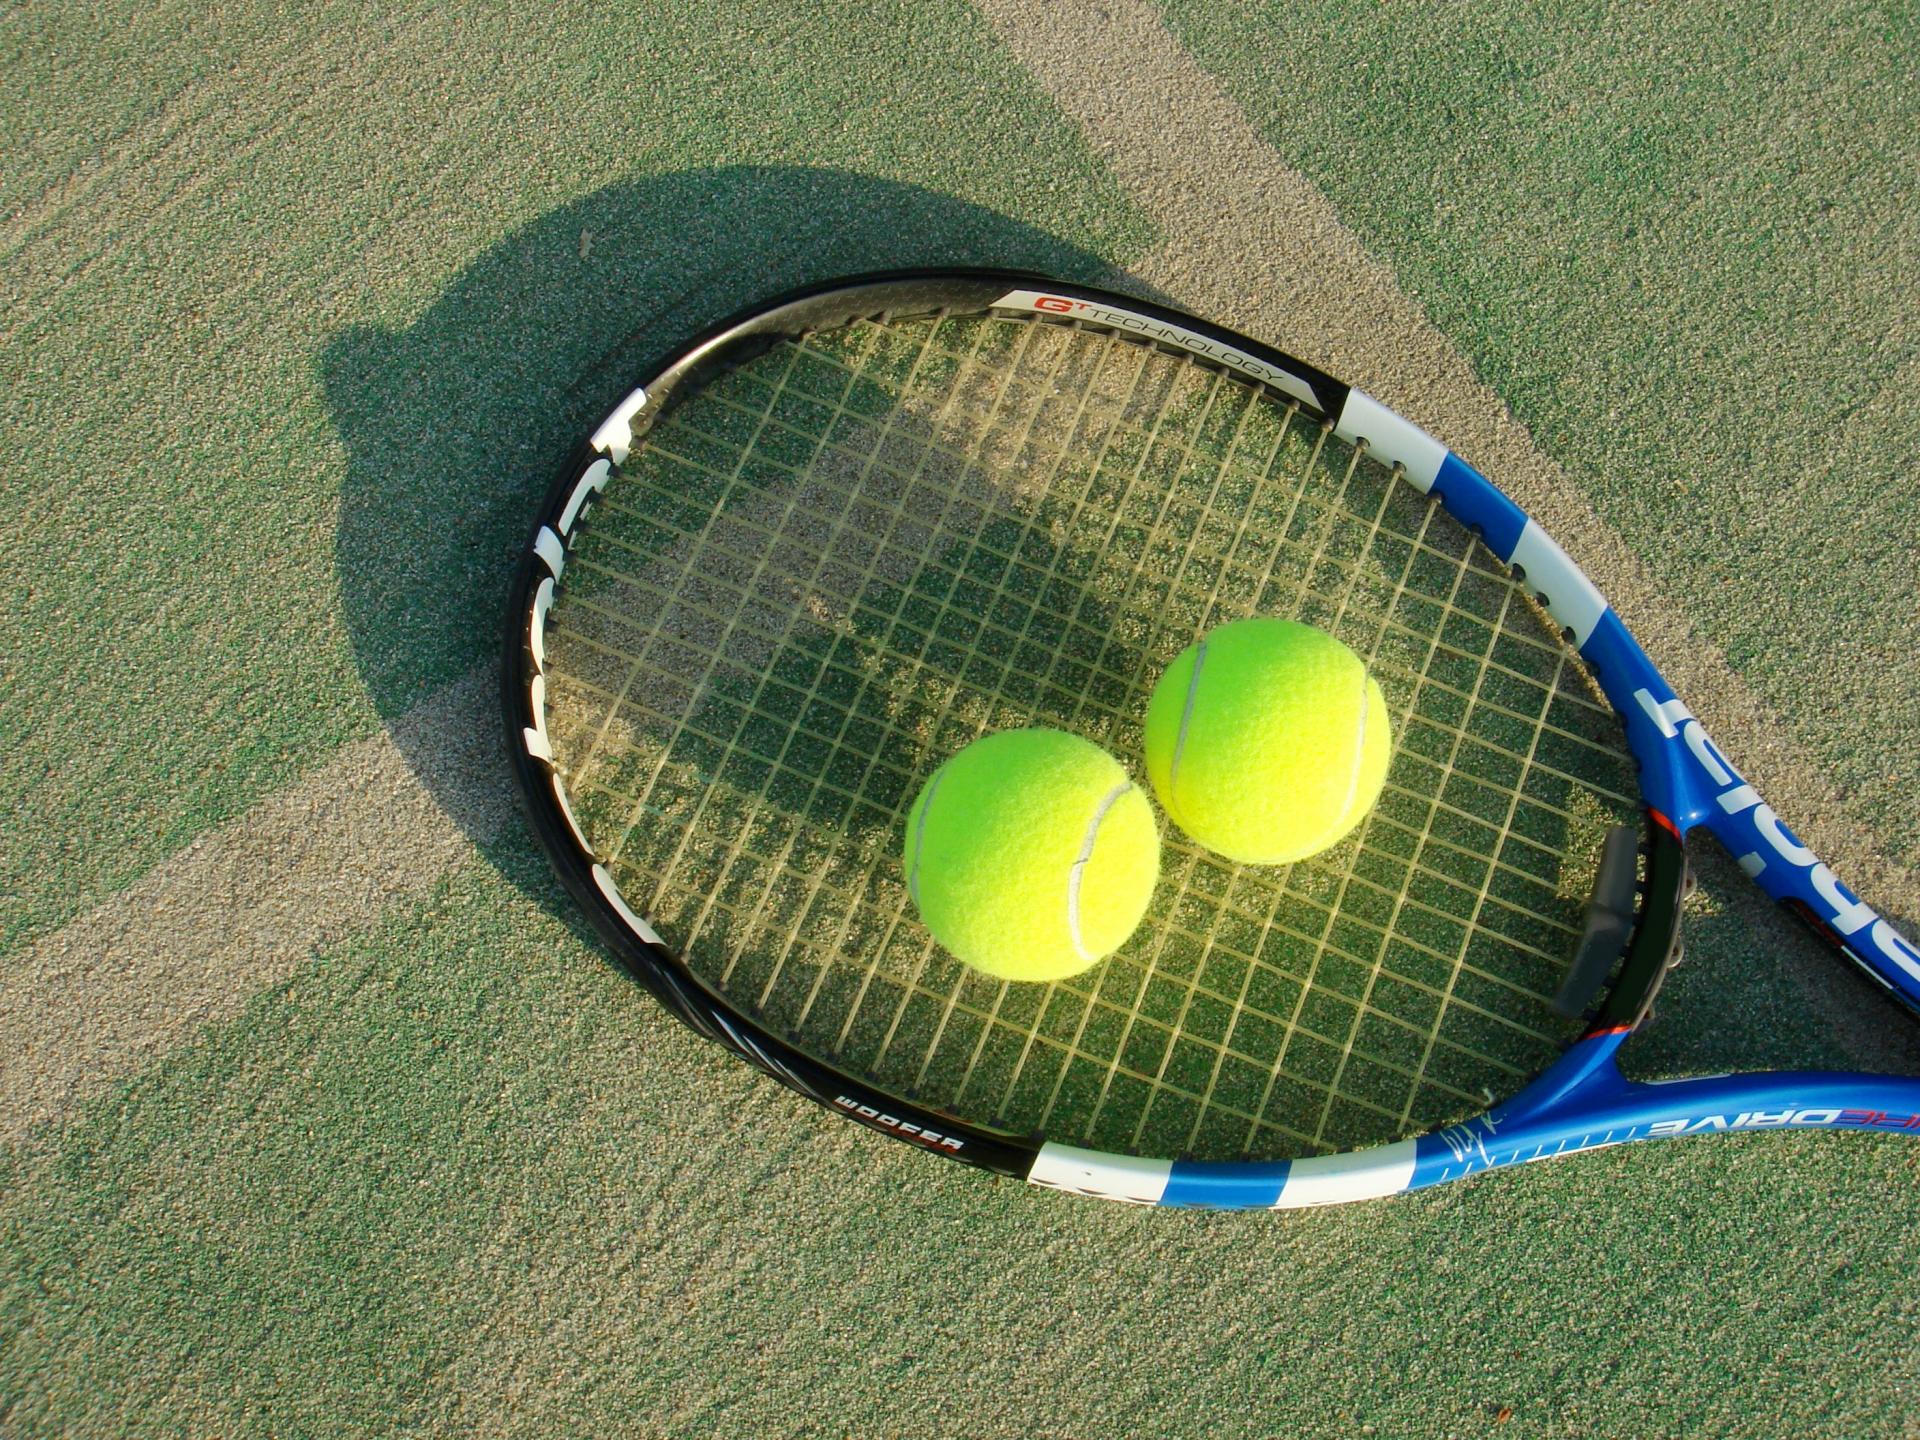 テニスラケット用振動止めのおすすめ11選! 打球が快適に打てる